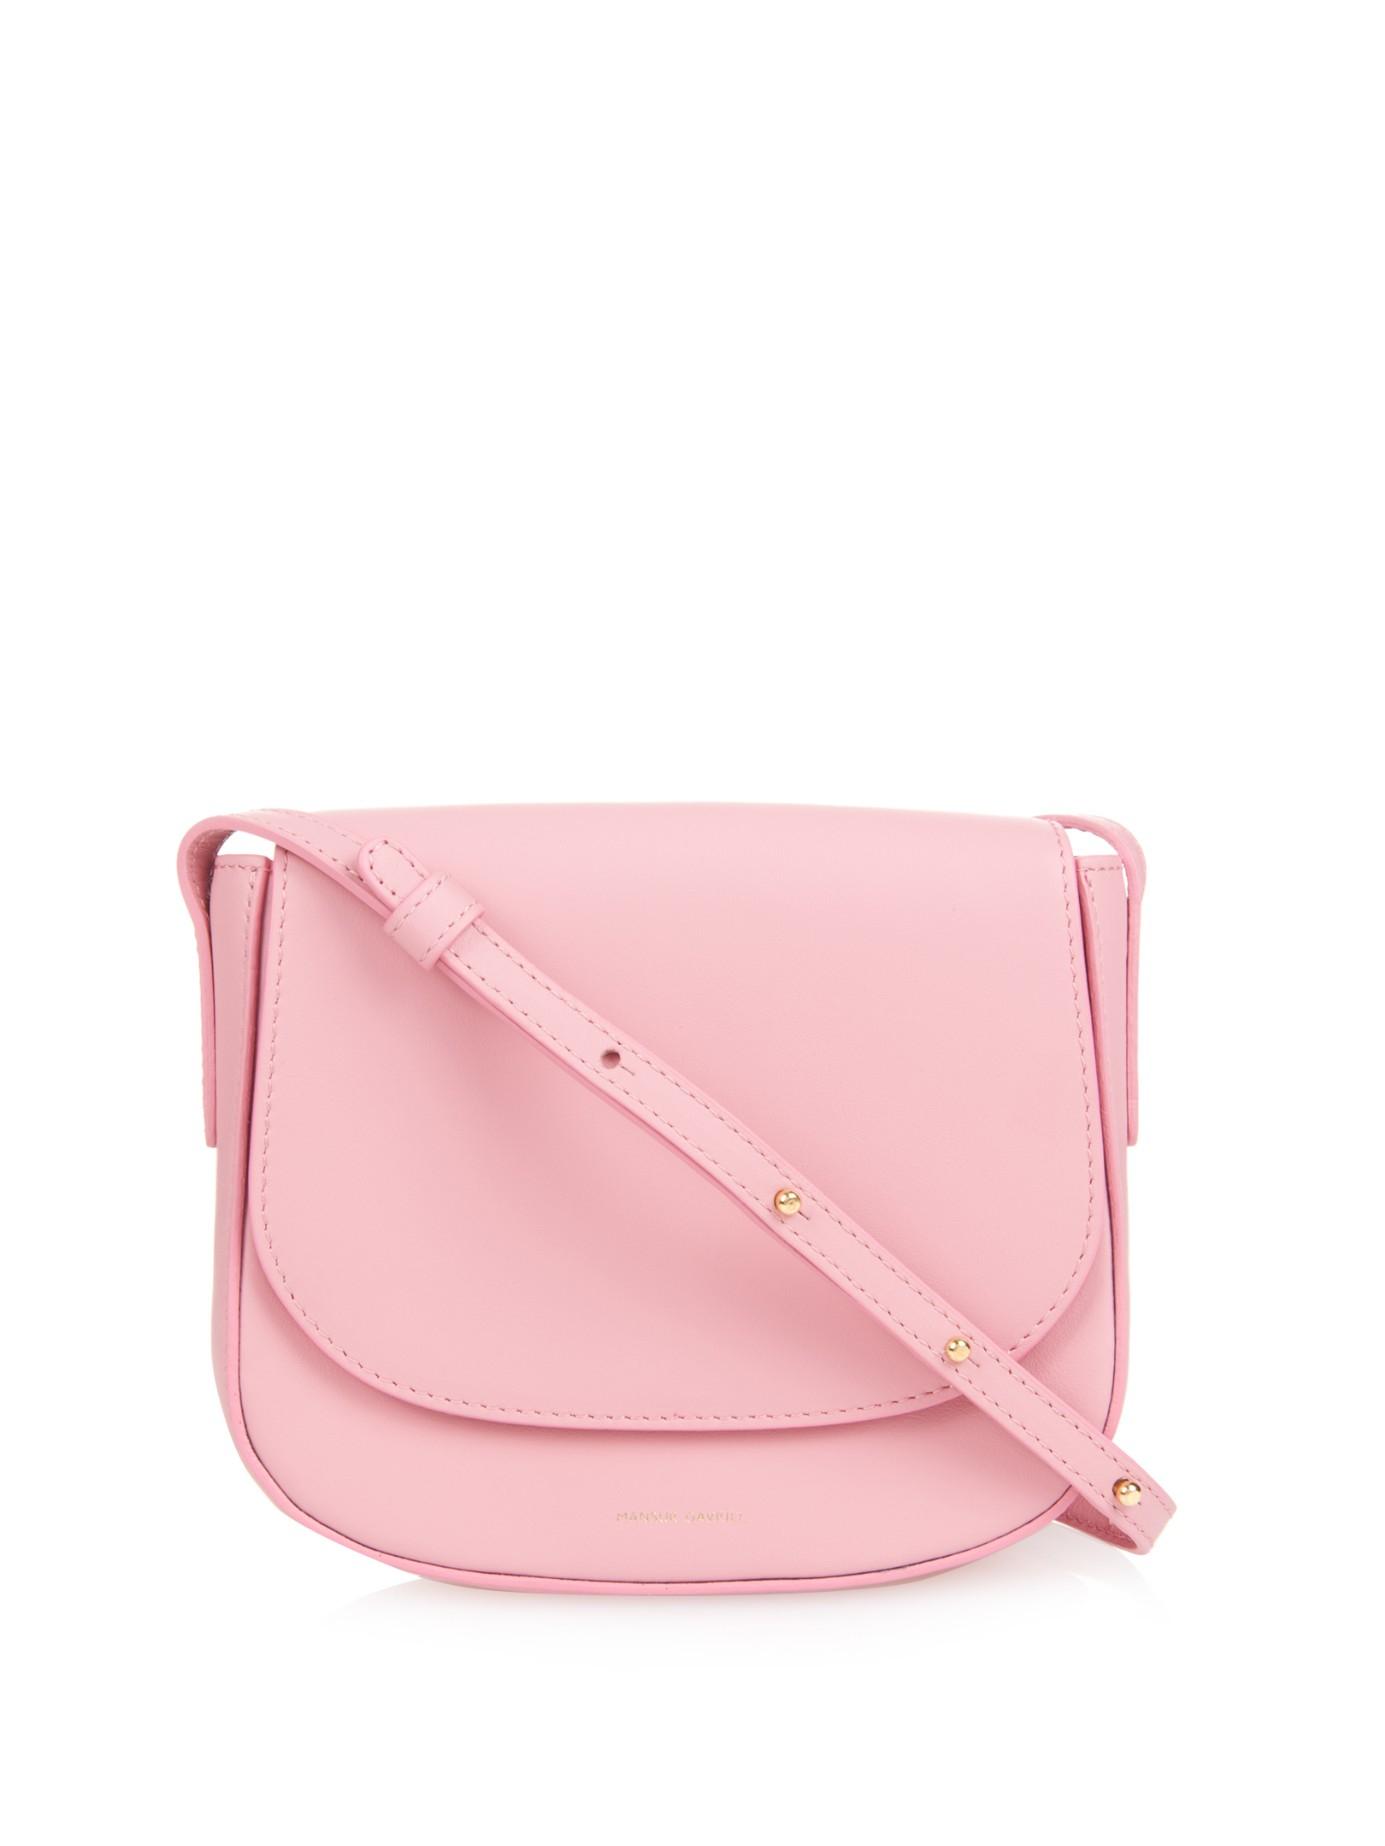 1c8fa2a1ec Lyst - Mansur Gavriel Mini Calf-leather Cross-body Bag in Pink